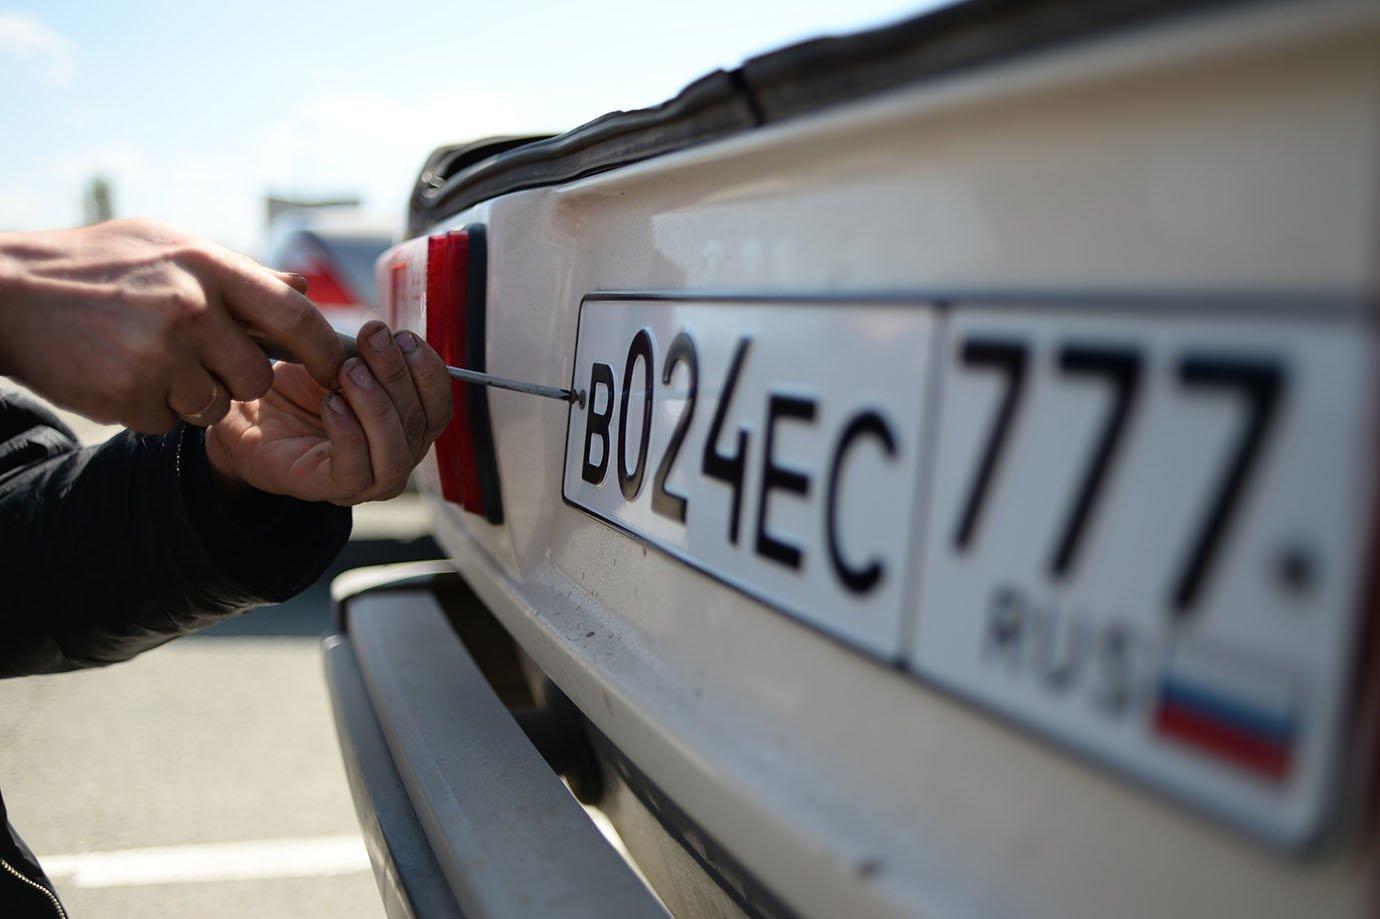 Как заменить номера автомобиля?